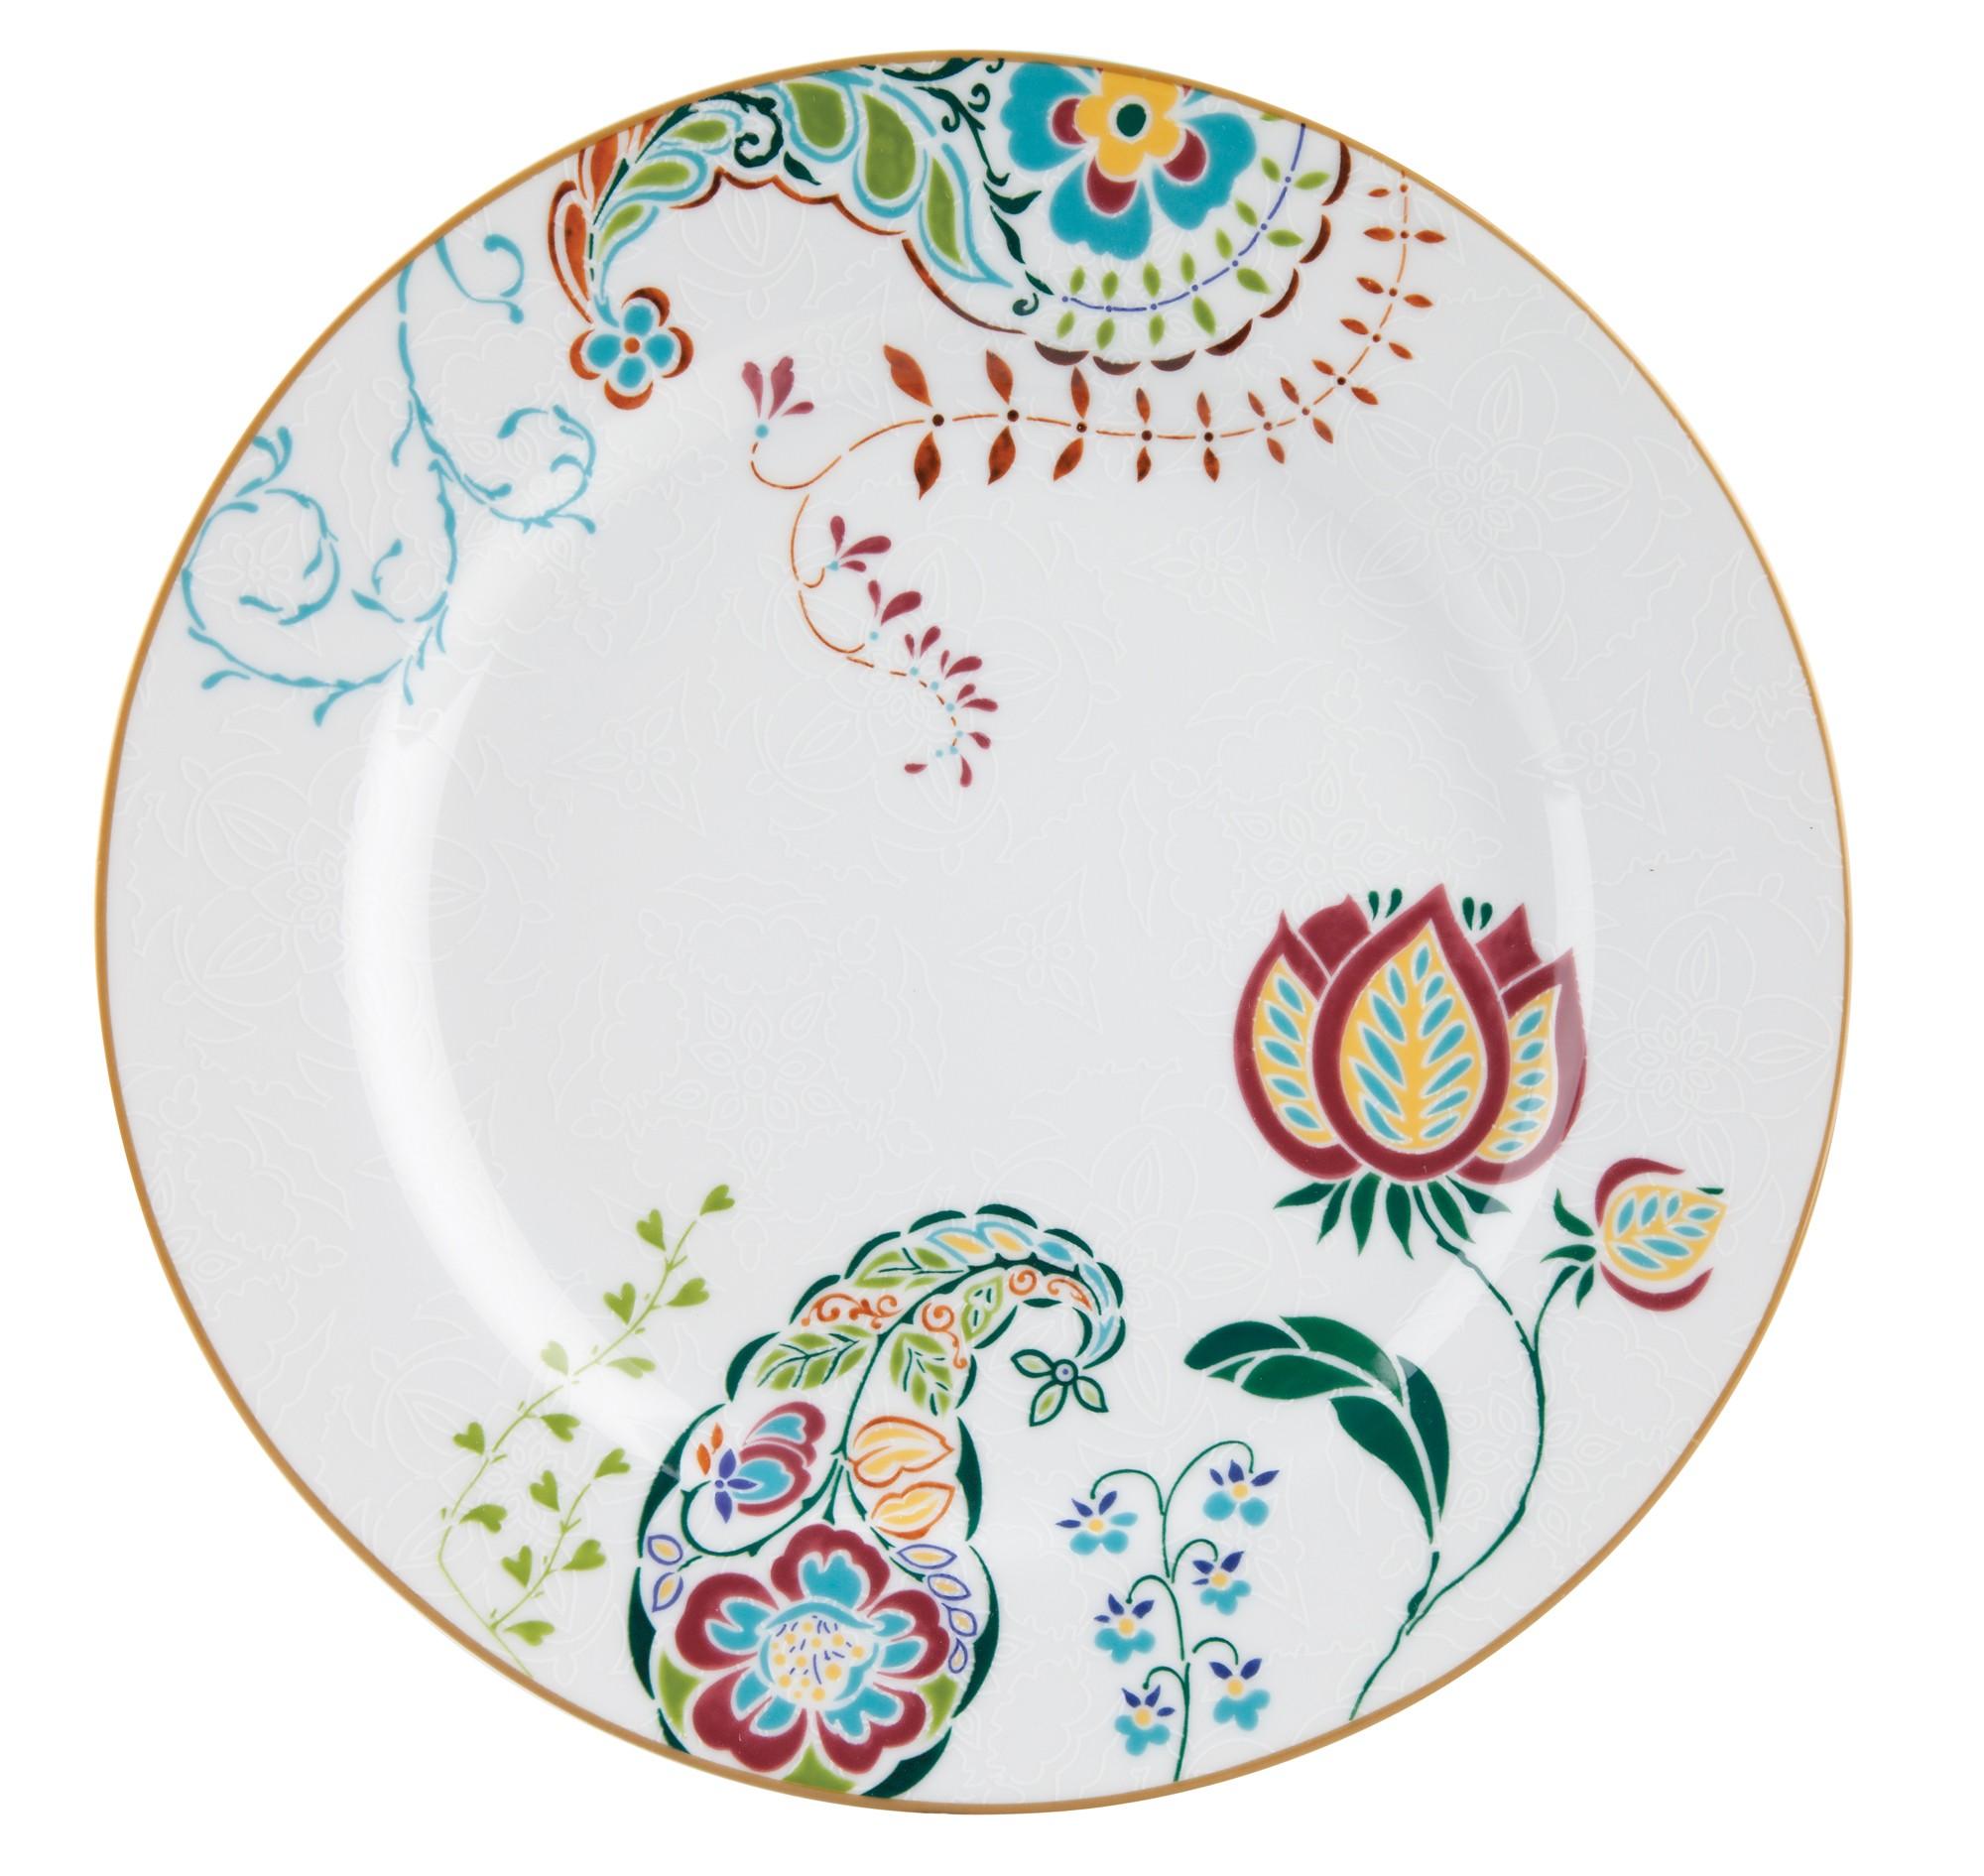 Πιάτο Φρούτου Σετ 6Τμχ Fantasy 20.5cm Ionia home   ειδη σερβιρισματος   πιάτα